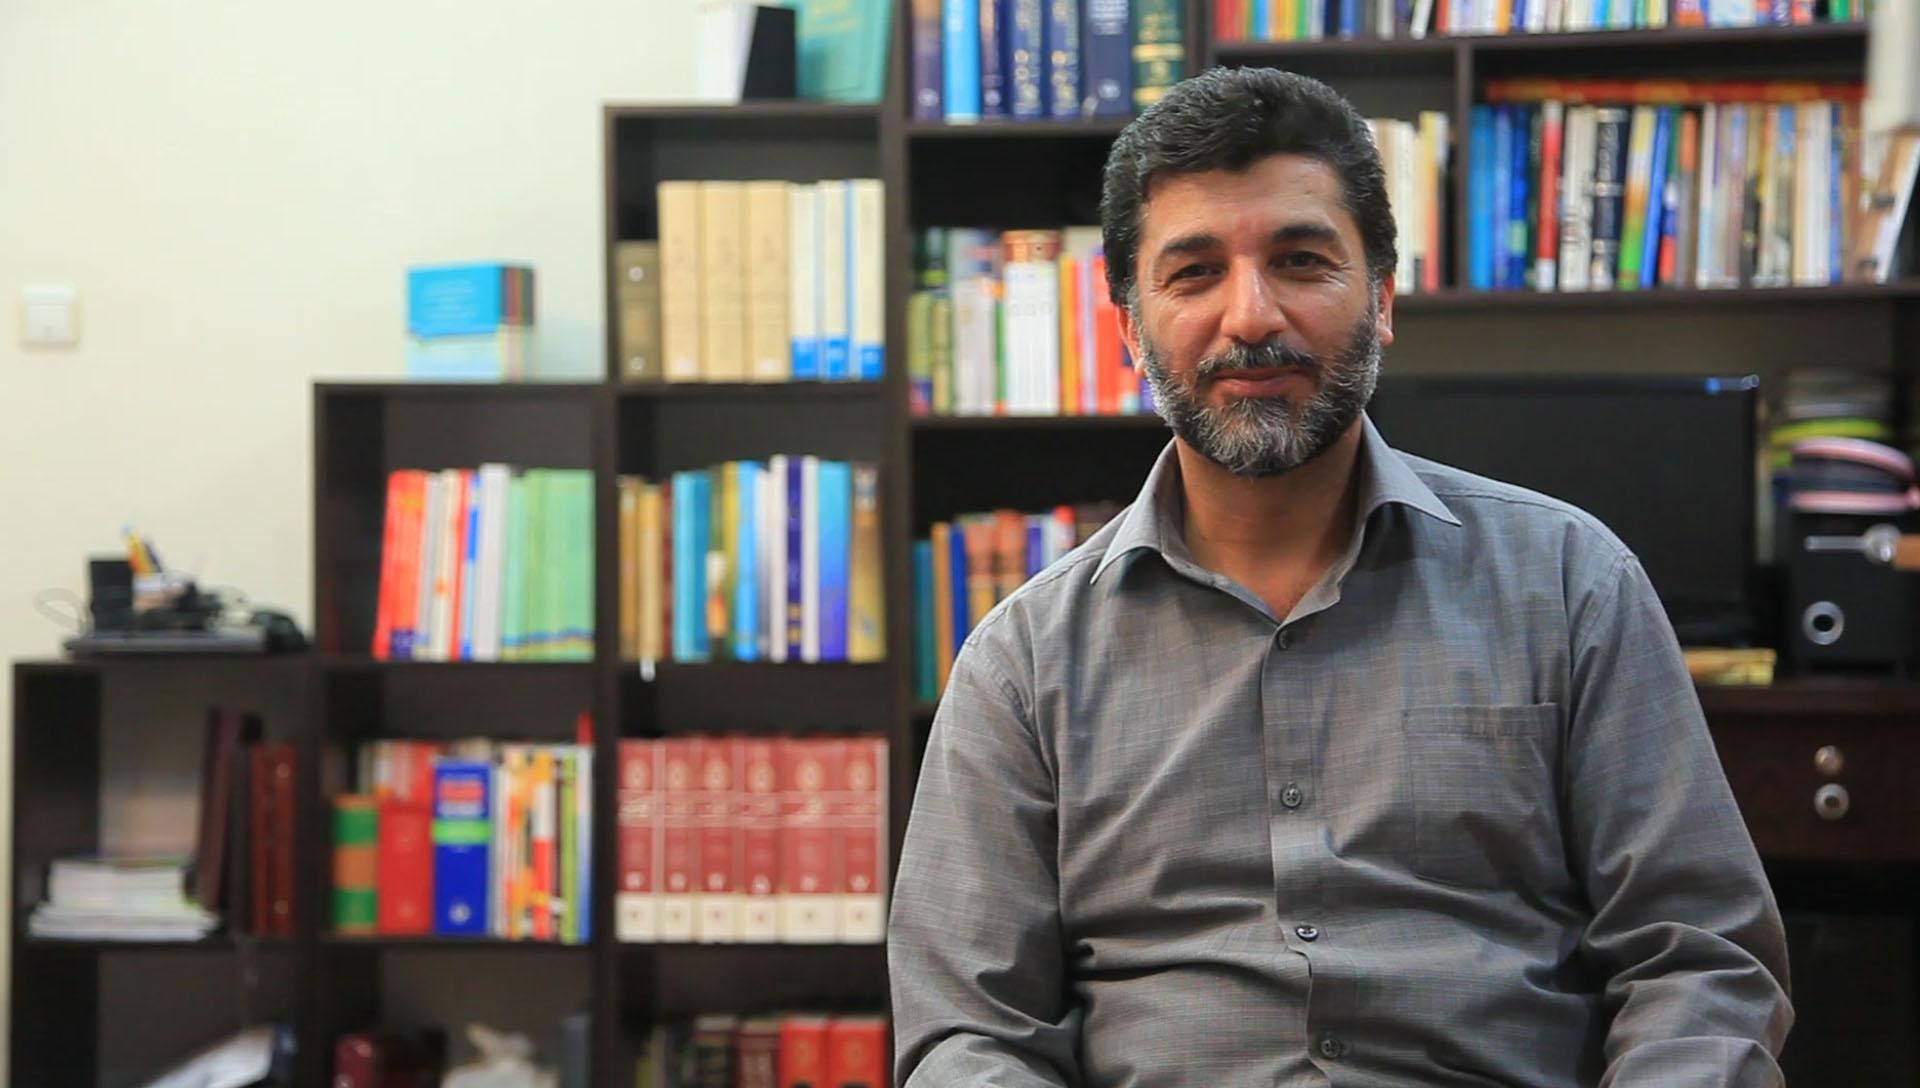 واسونک دکتر بهزاد مریدی- شرکت فیلم سازی زوم شیراز برادران شریفی